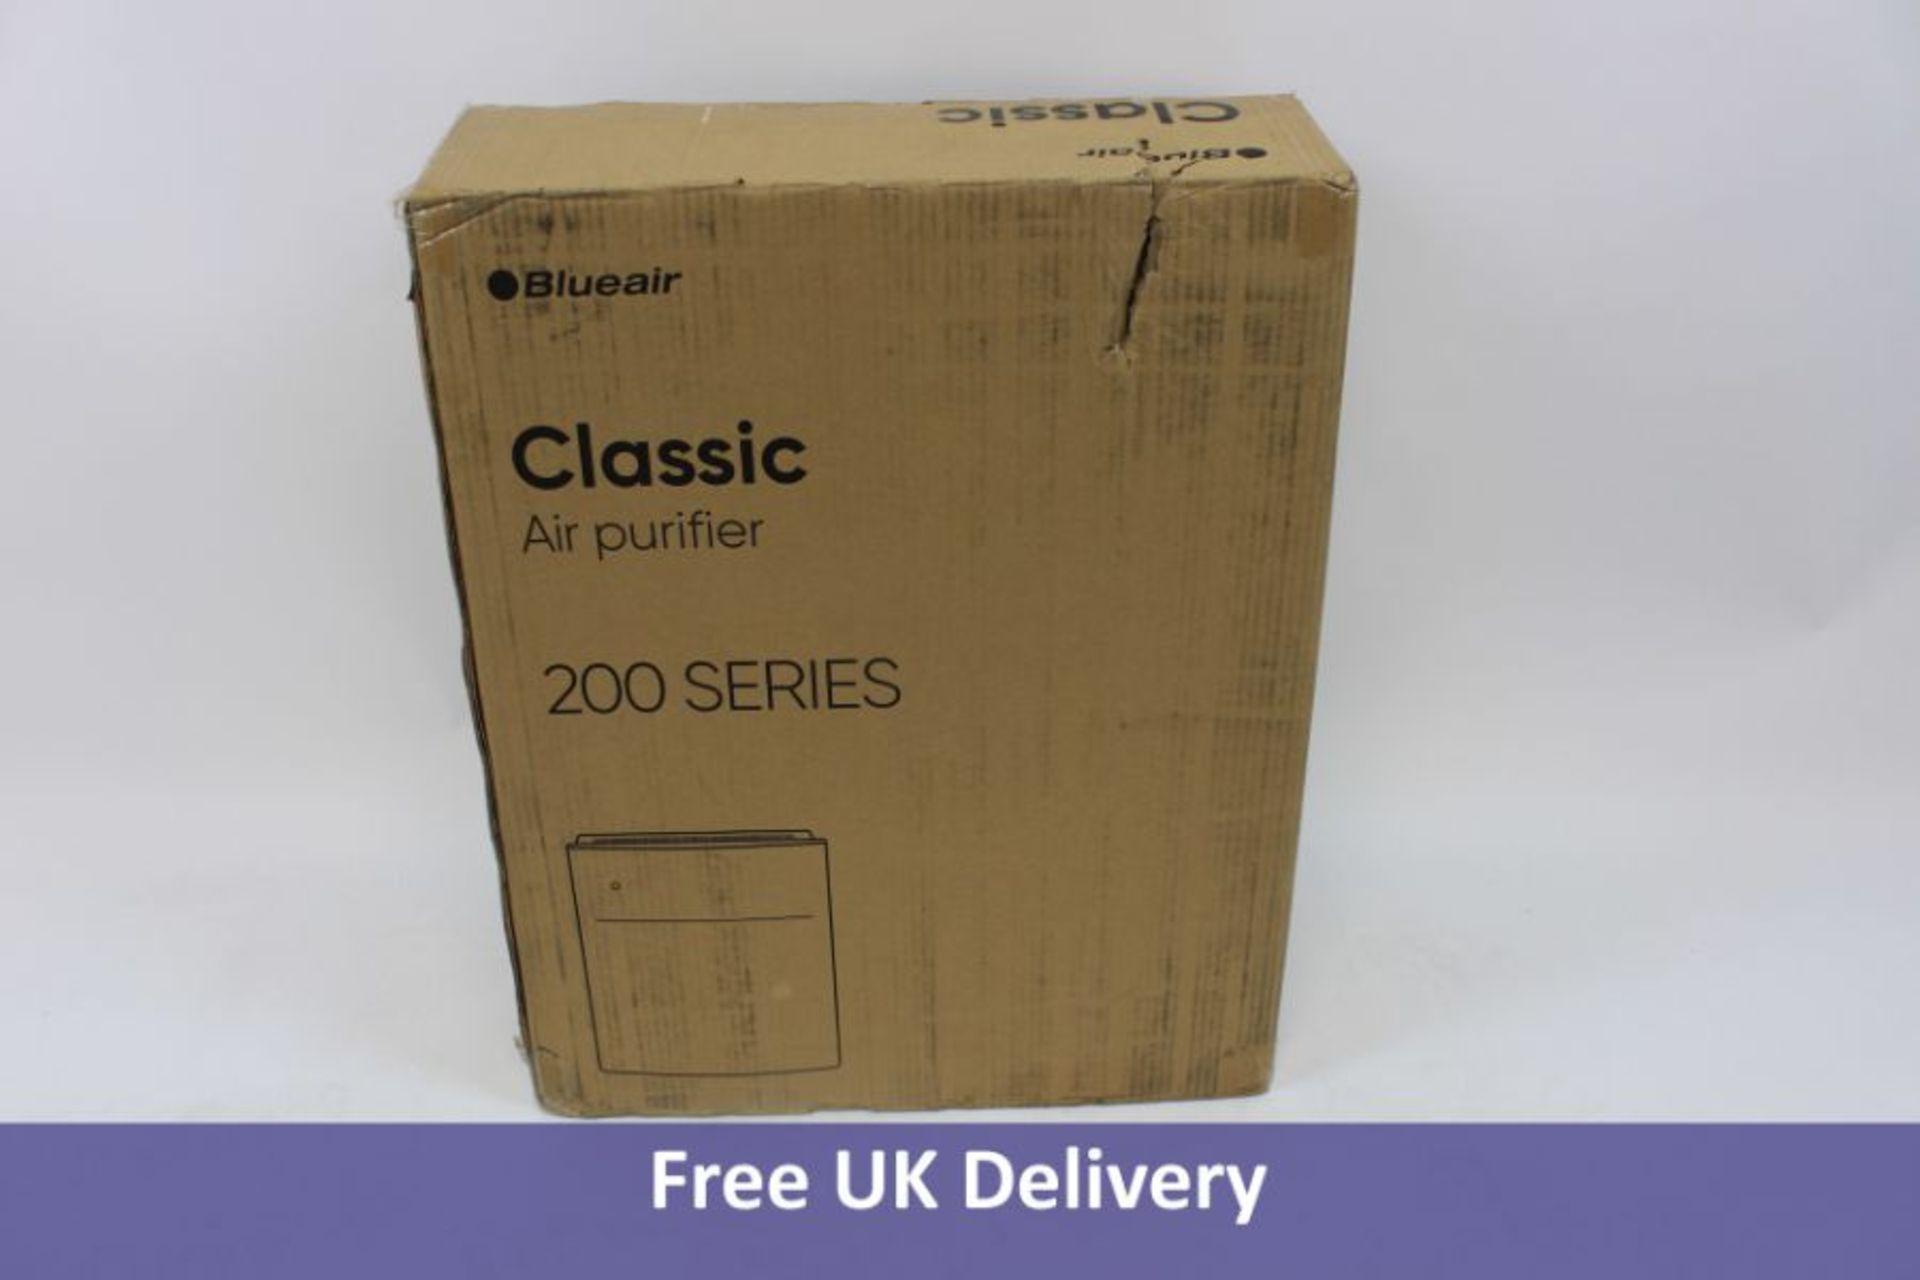 Blueair Classic Air Purifier Series 200, White. Box damaged